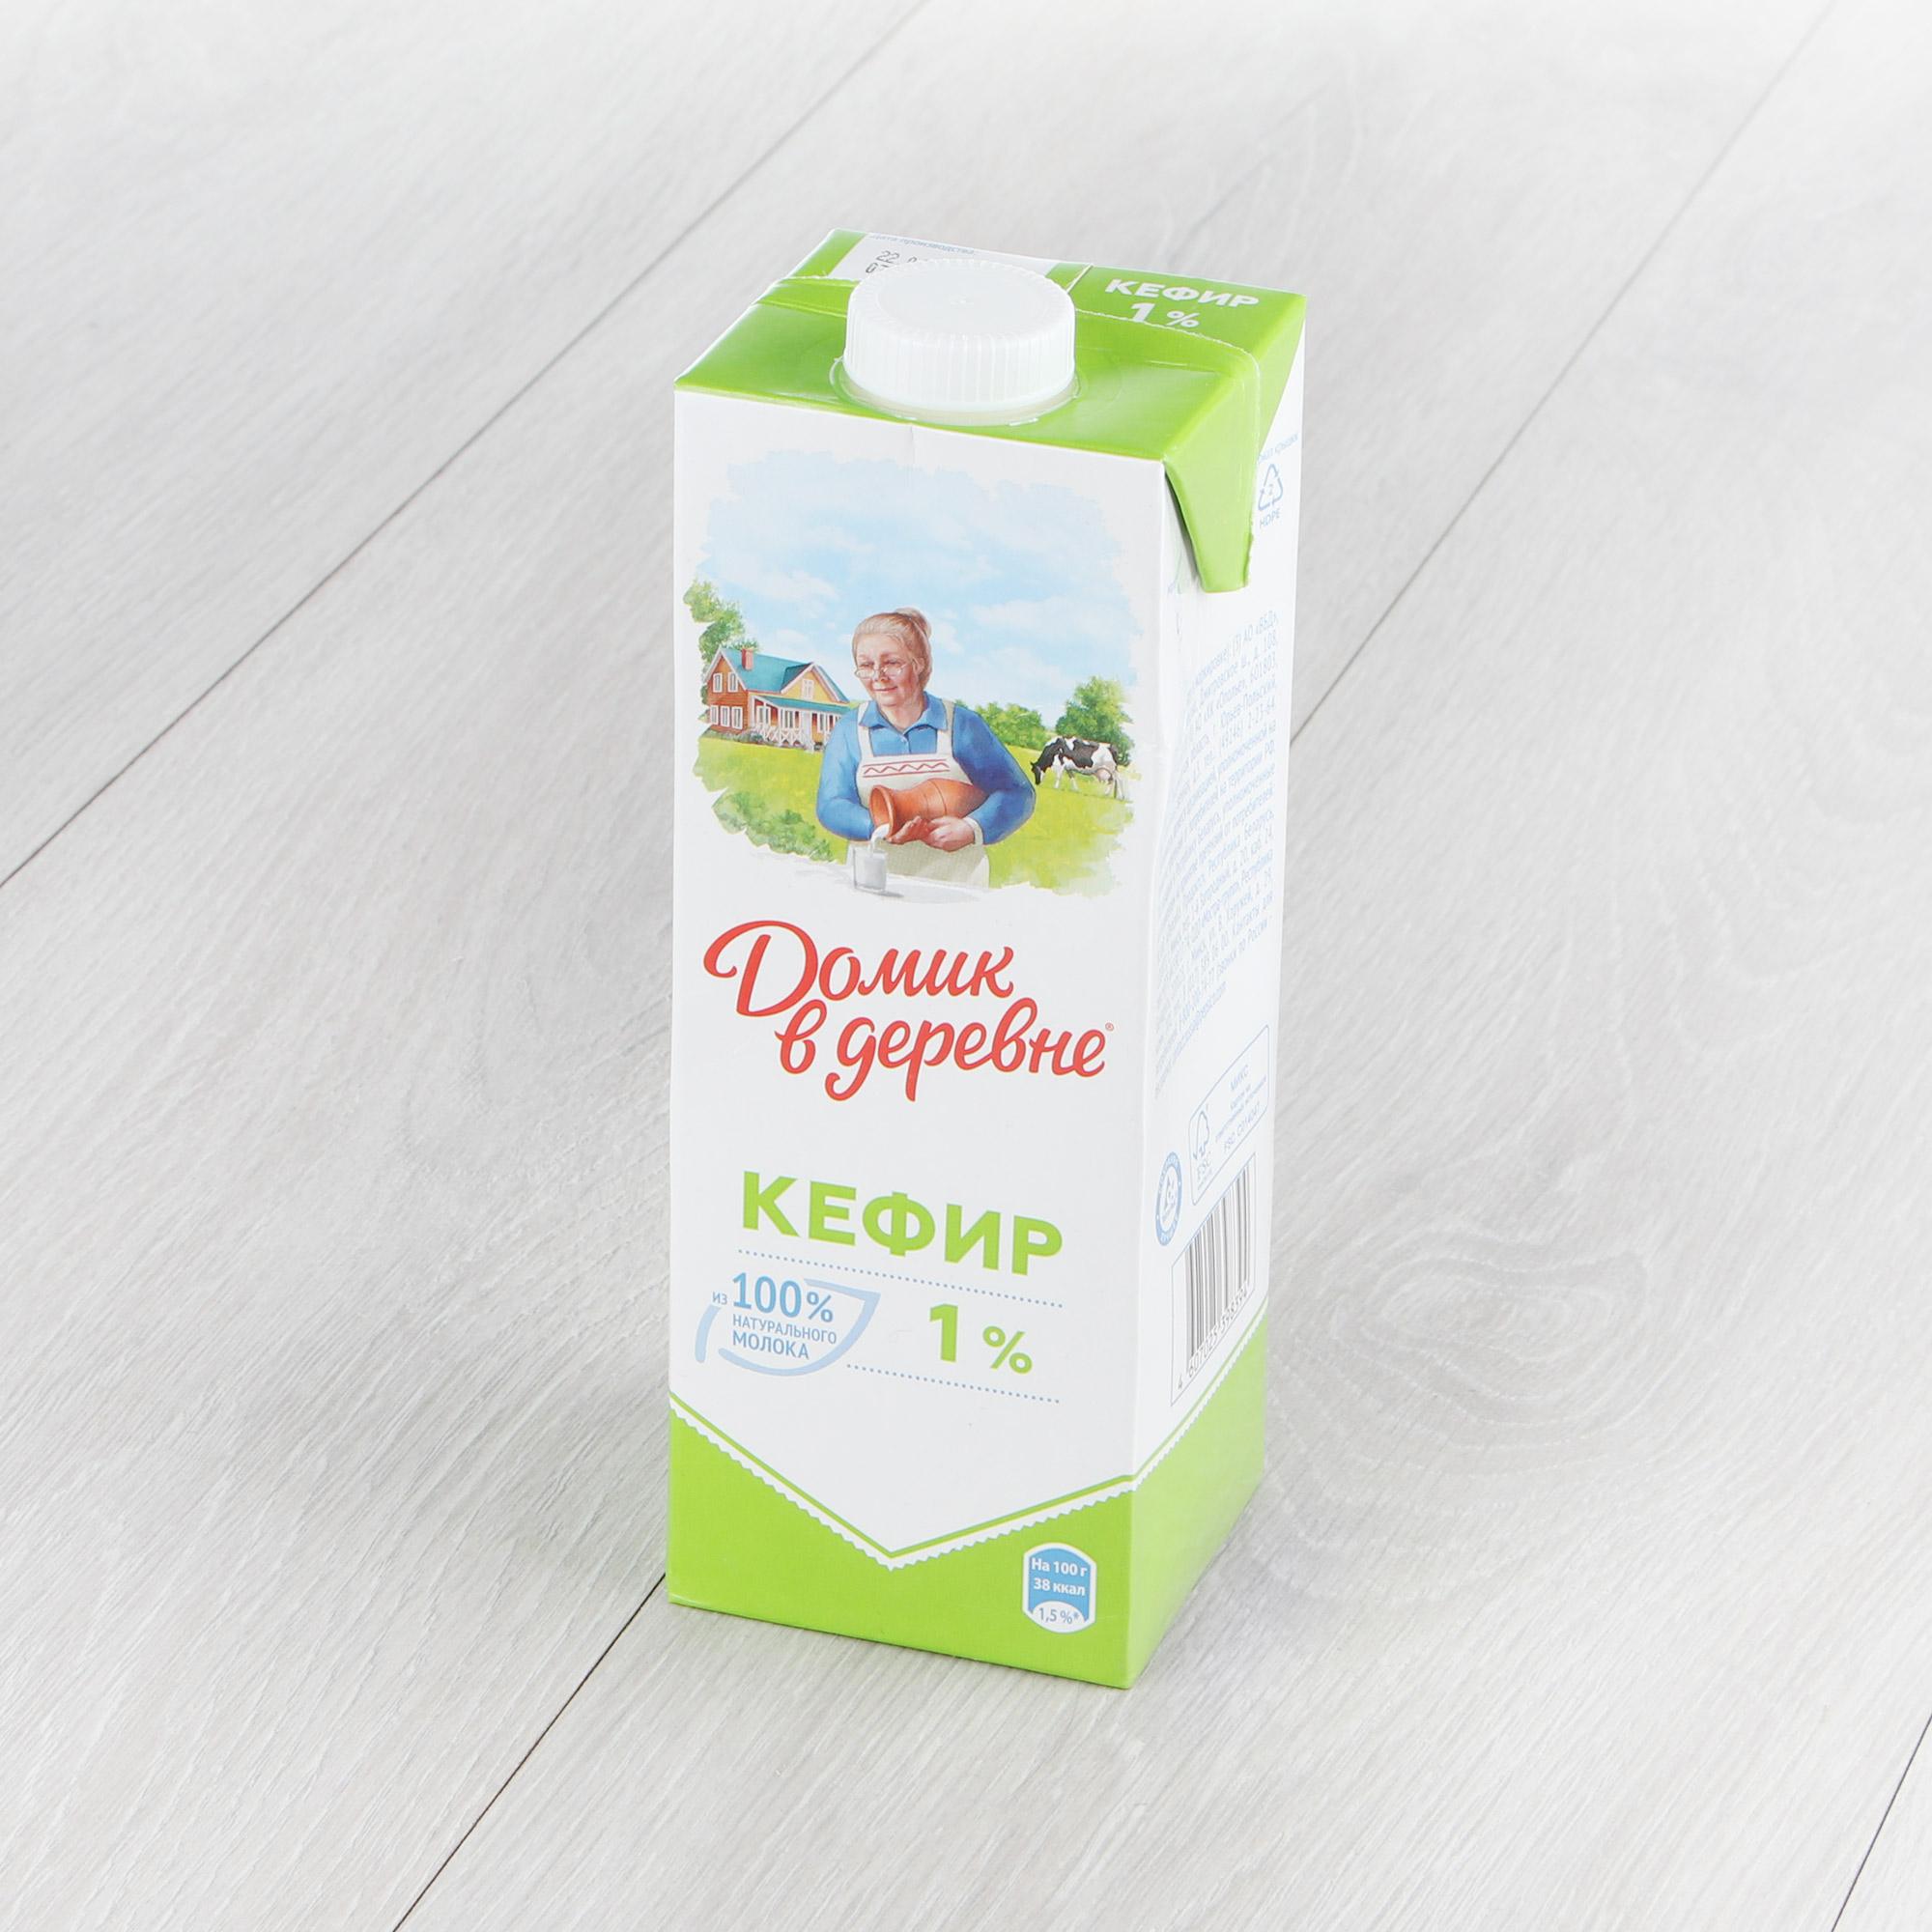 Кефир Домик в деревне 1% 1 л недорого